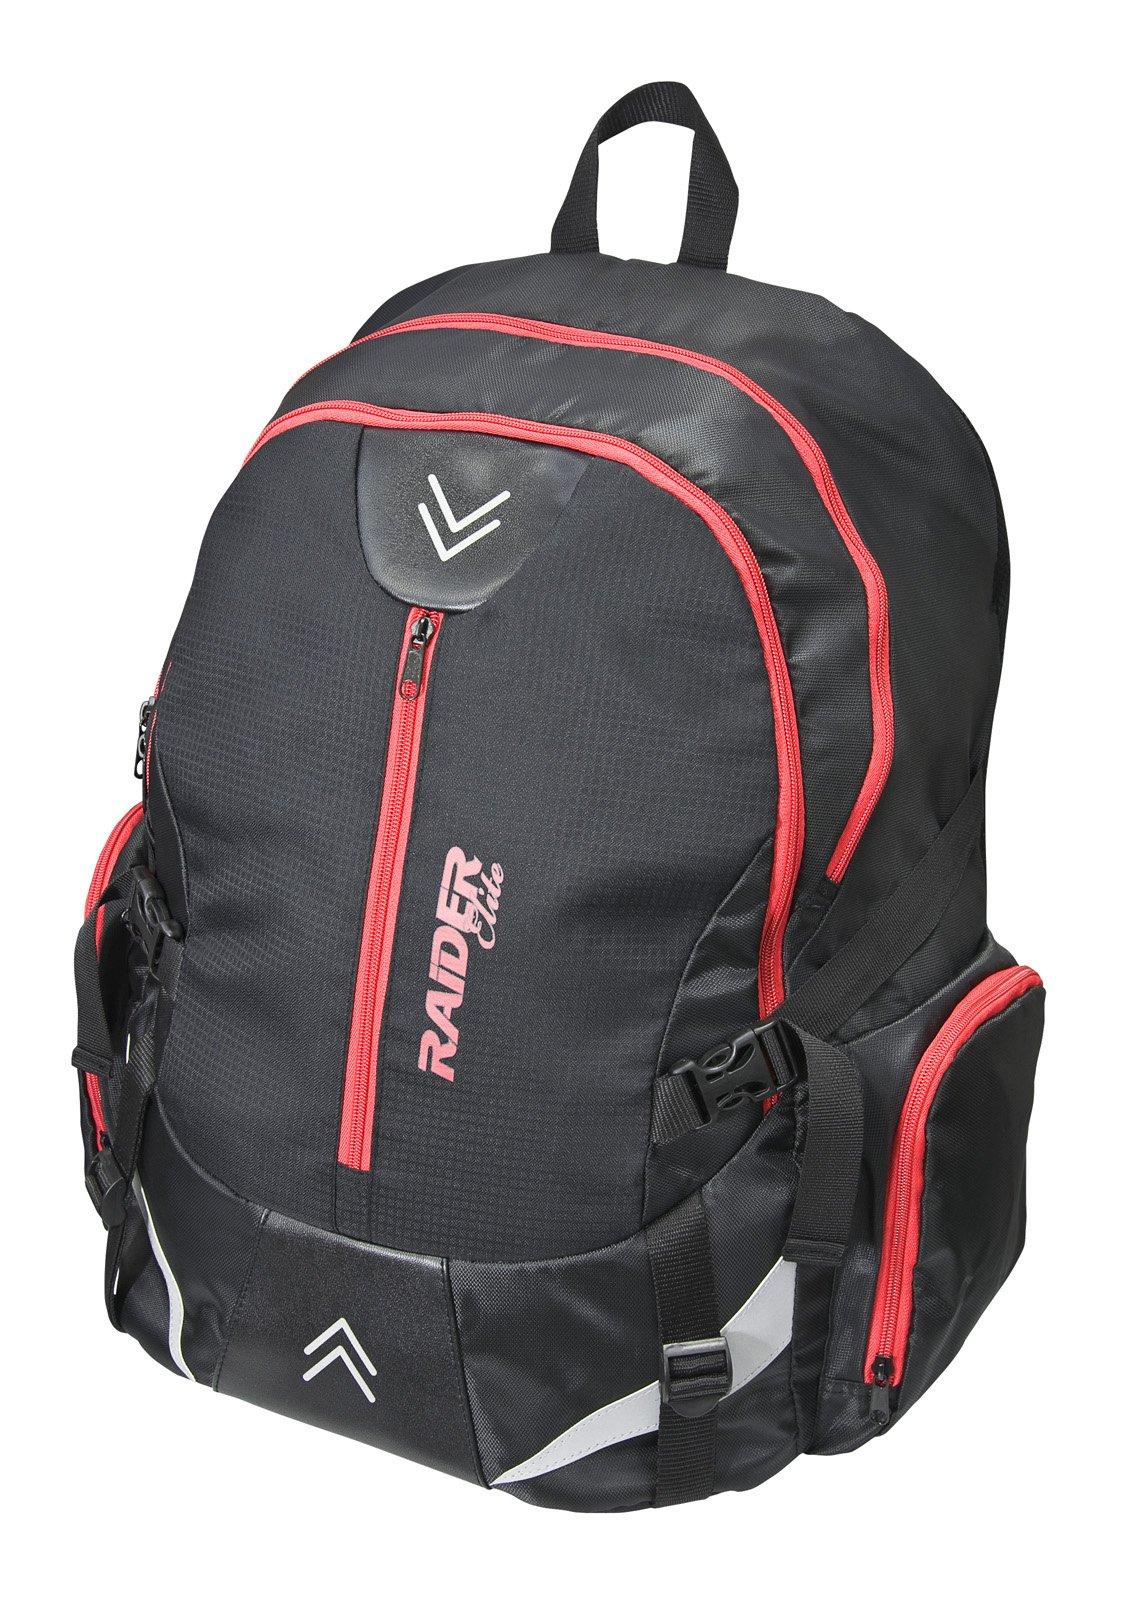 Raider Elite Helmet Storage Motorcycle Backpack (Black/Red)